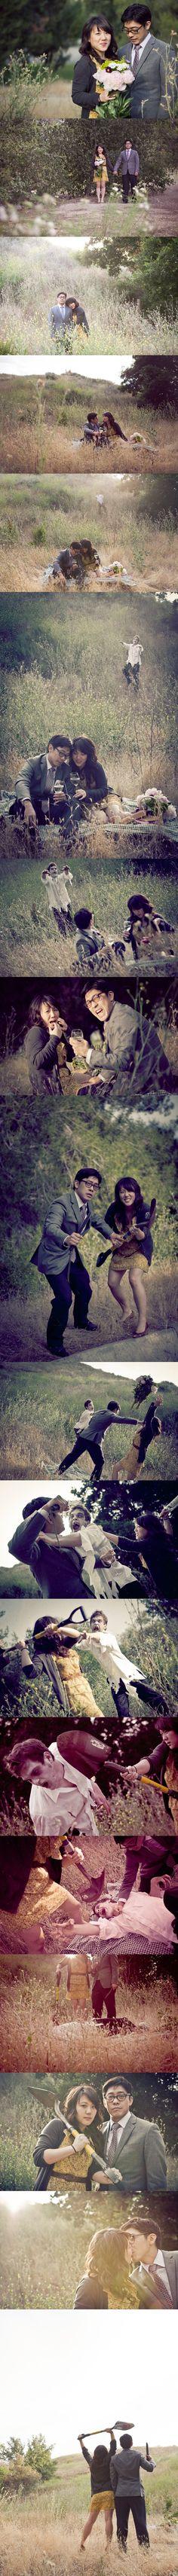 Hilarious wedding photos!